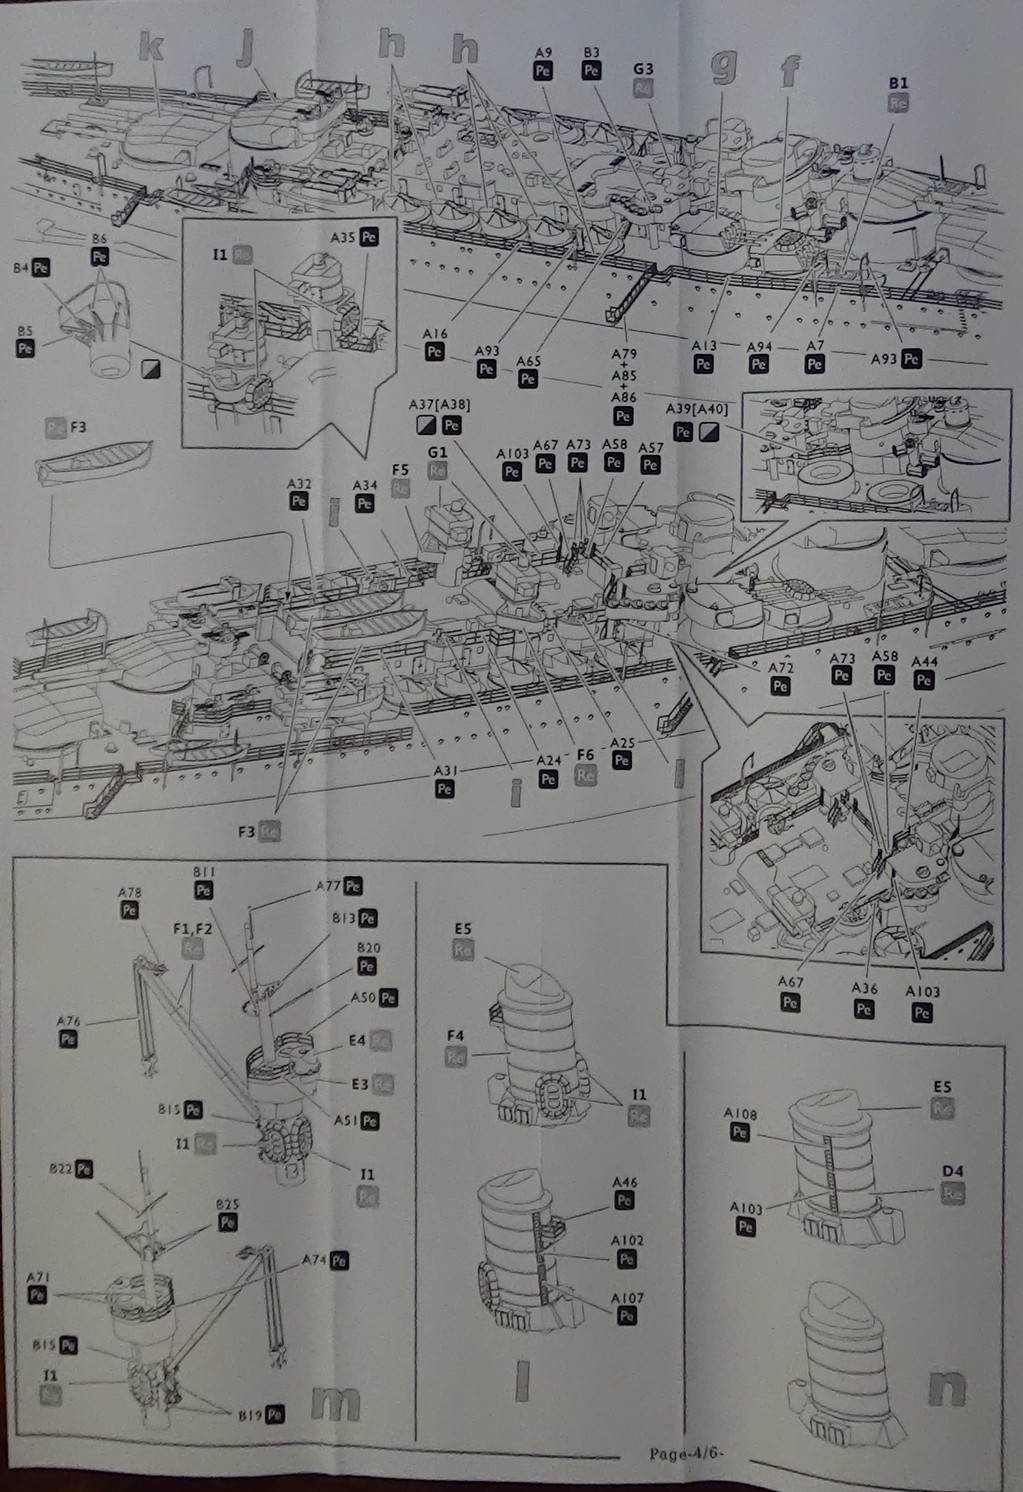 Derniers Achats - Page 4 Wu1BIb-Caio-Duillio-18